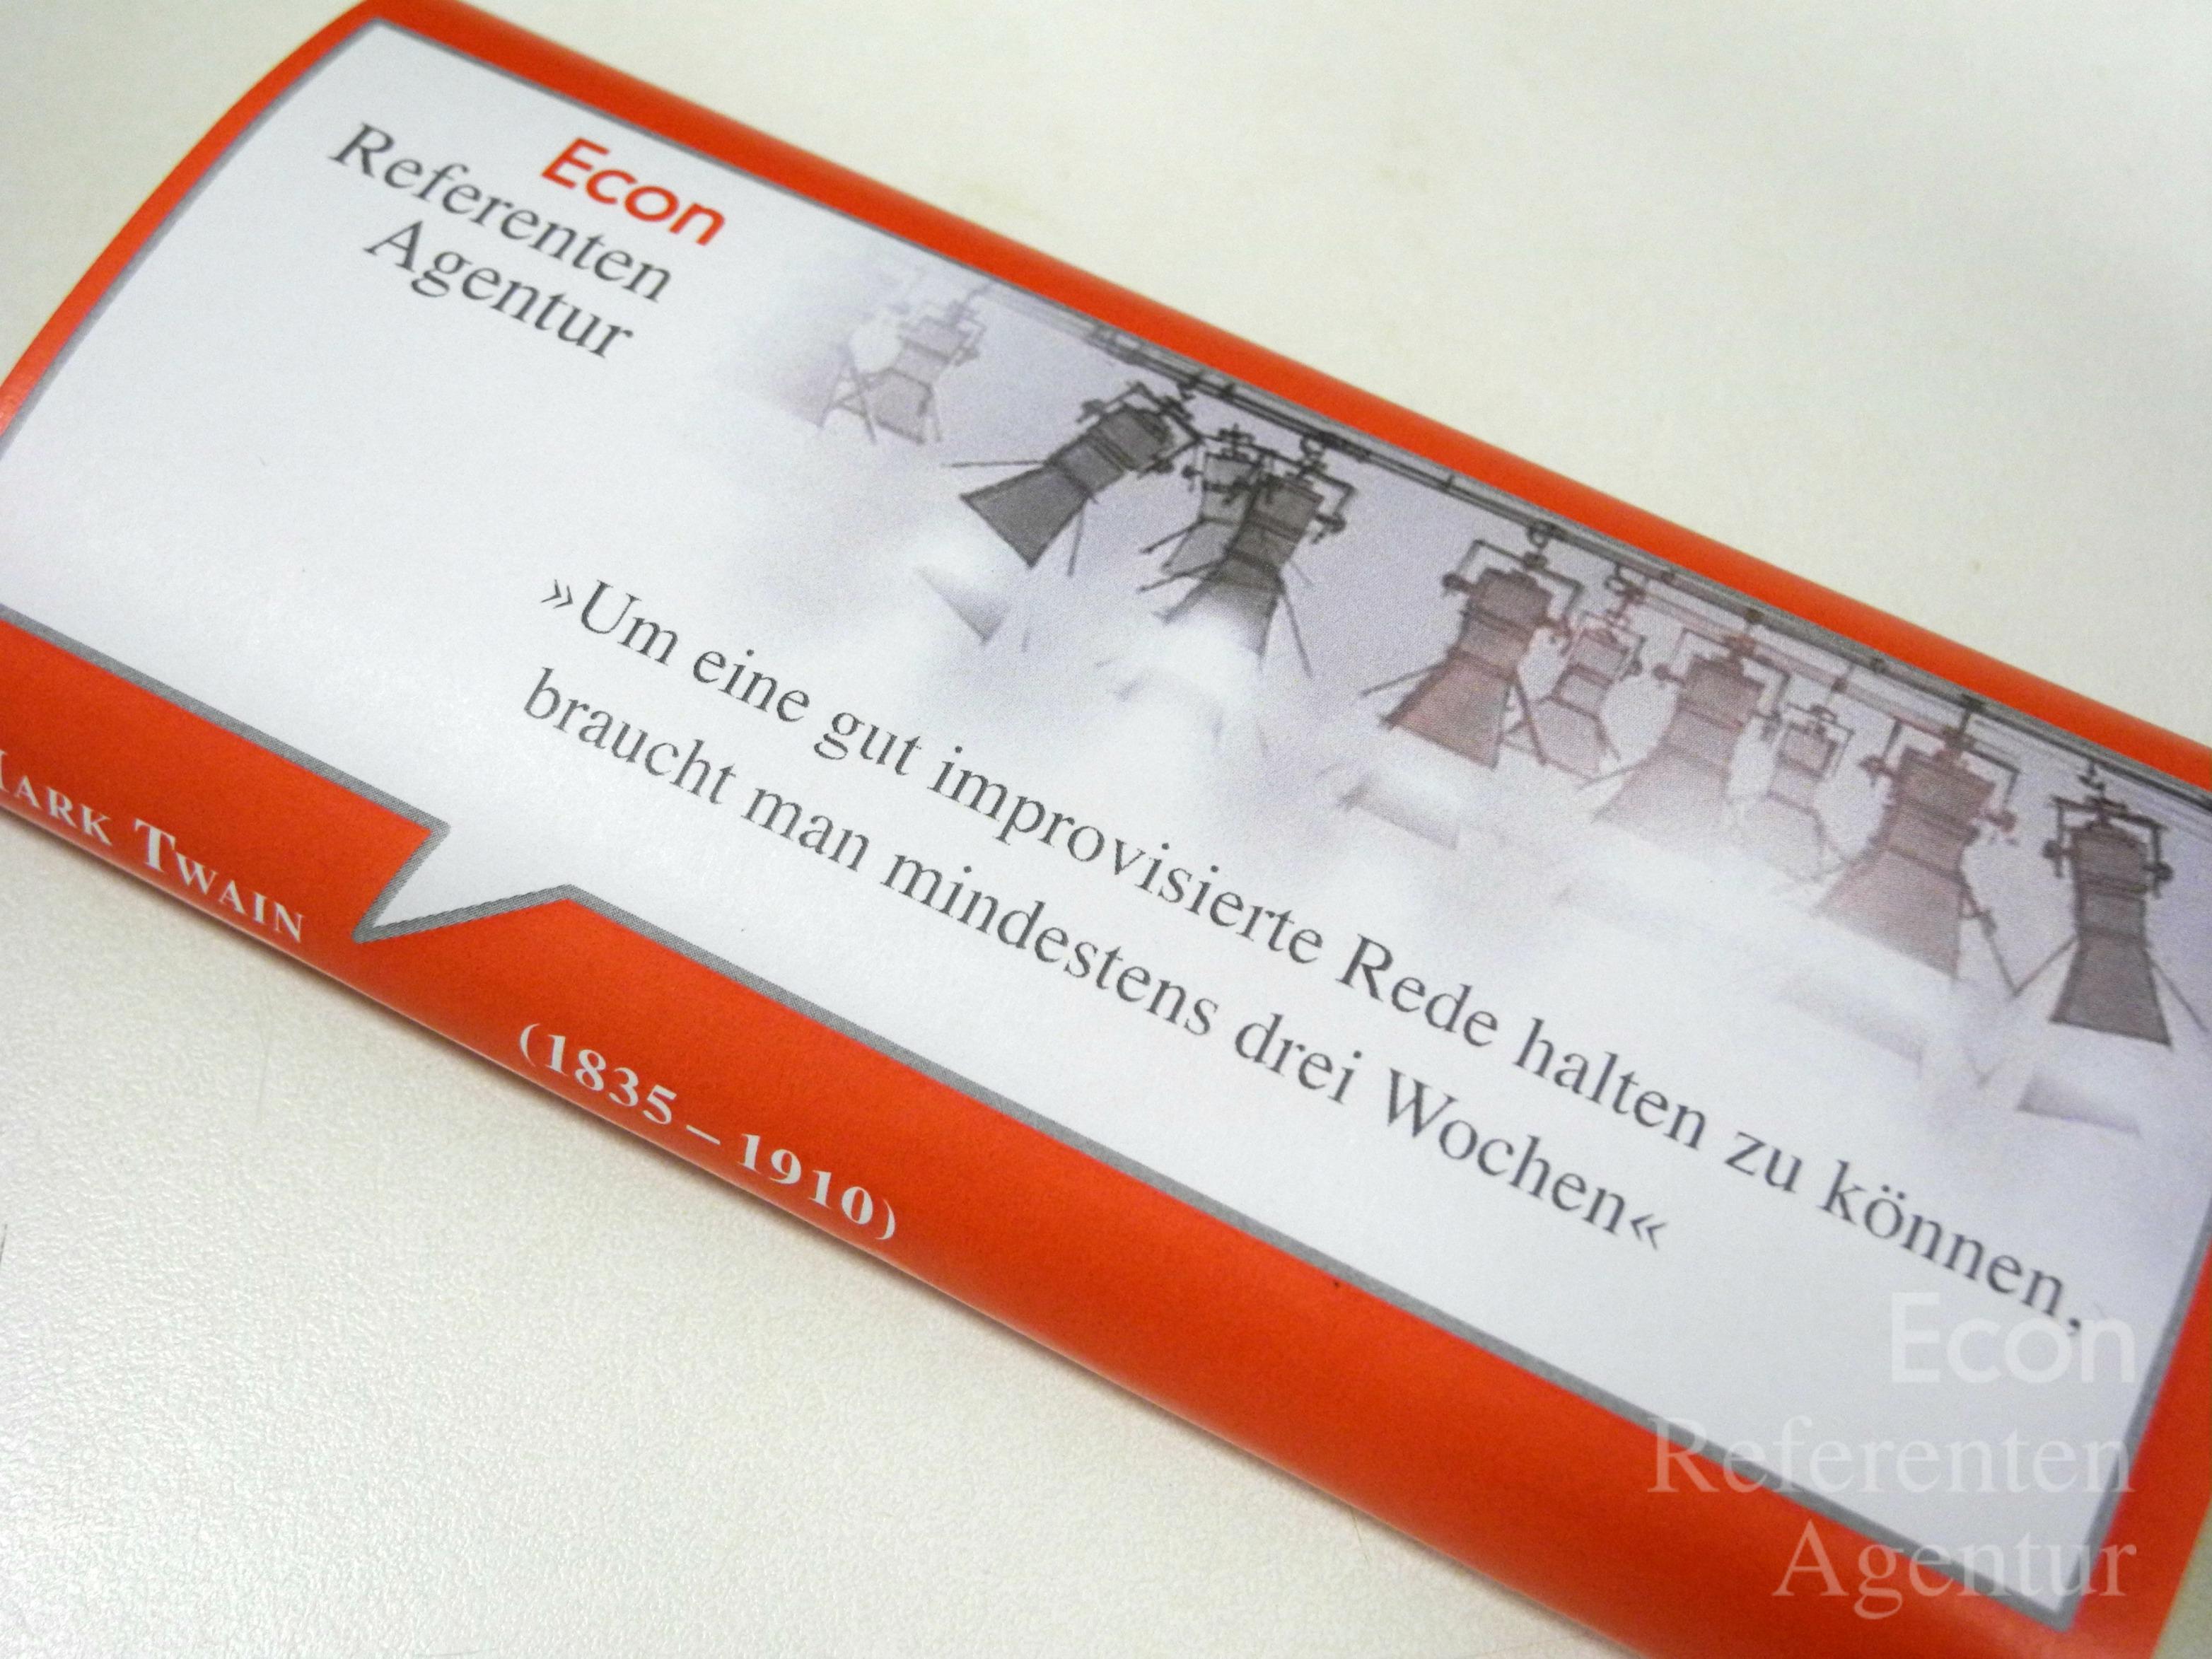 Econ Referenten Agentur_Schokolade Zotter